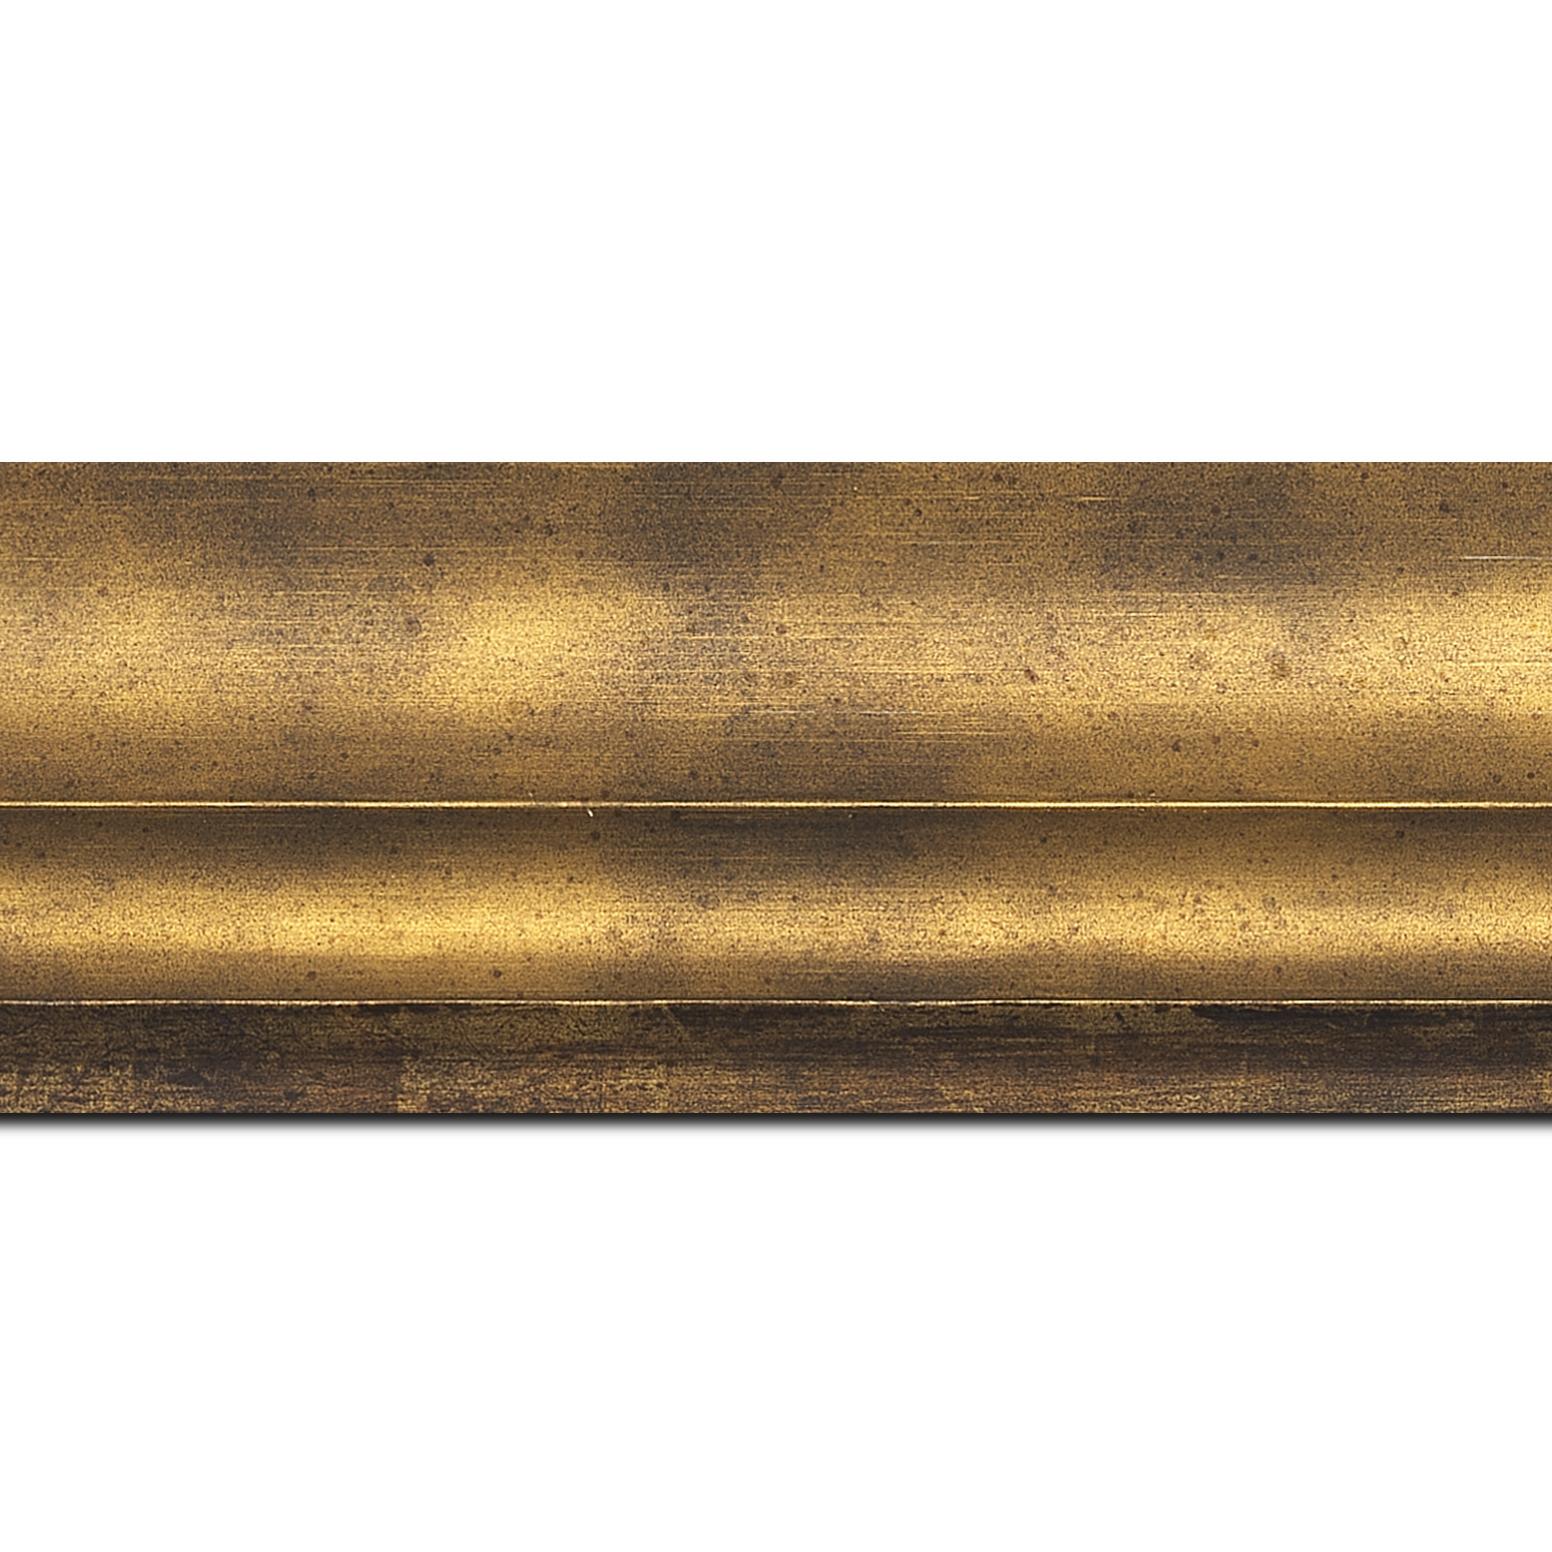 Baguette longueur 1.40m bois profil plat ondulé largeur 5.9cm bronze